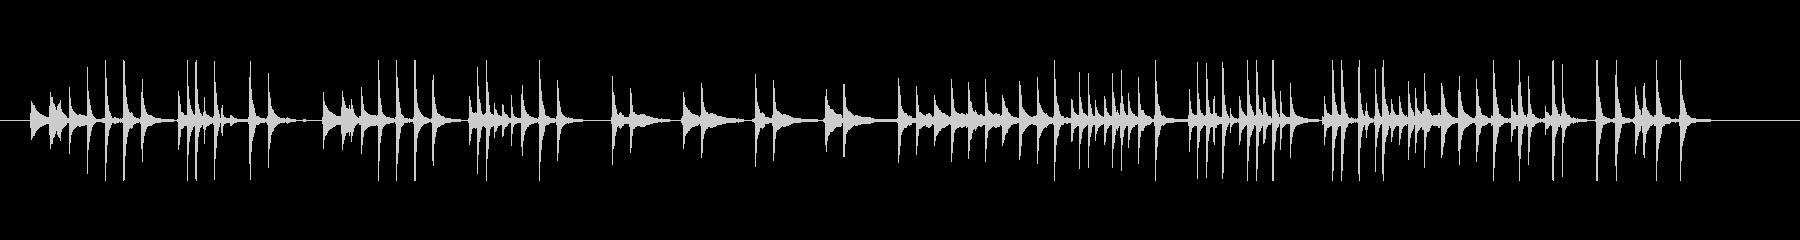 三味線234外記猿8三味線233外記猿7の未再生の波形